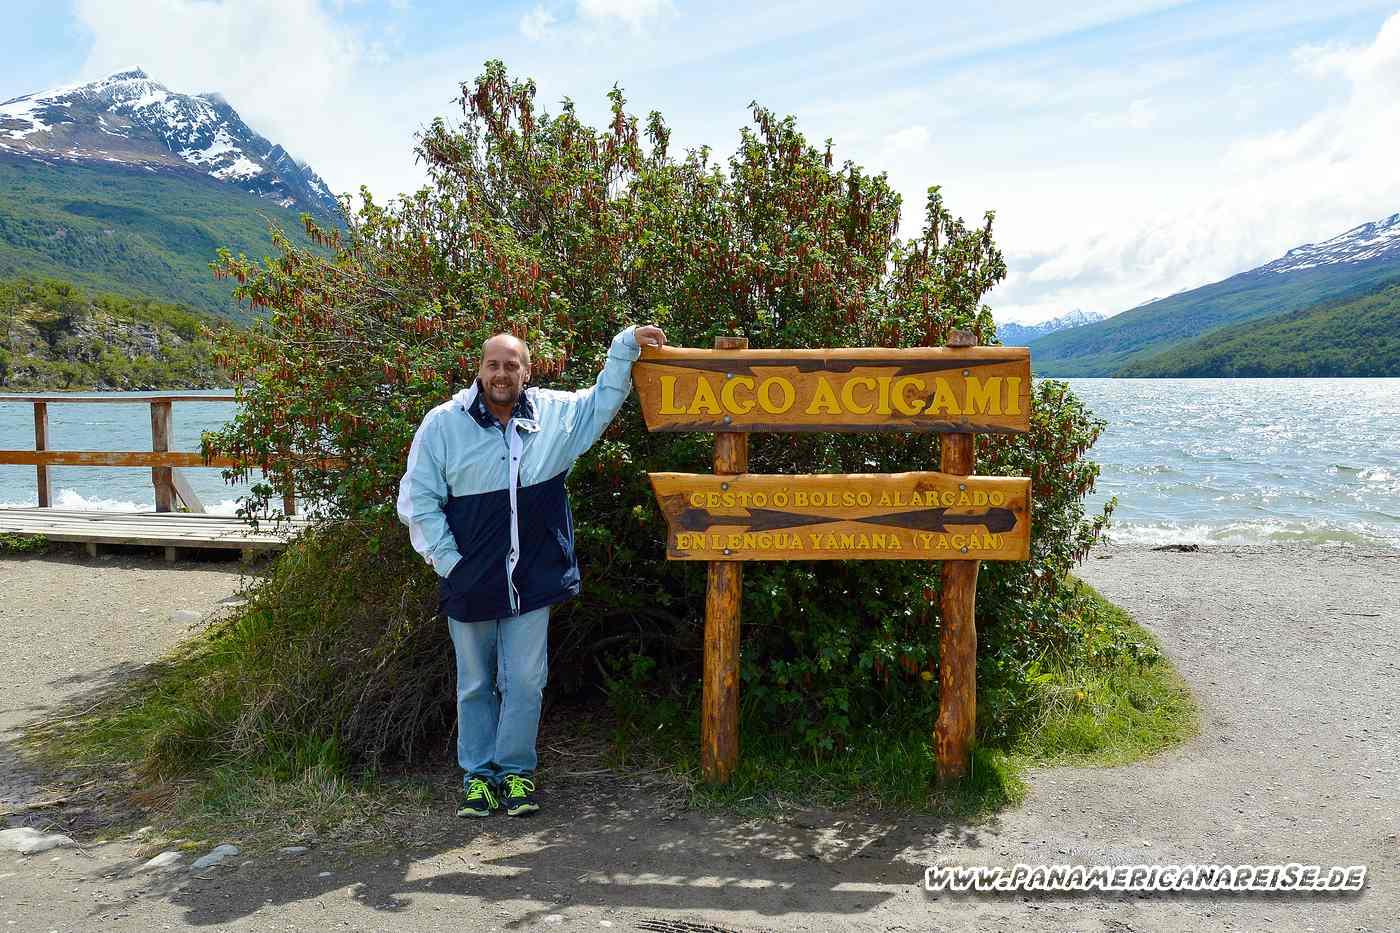 Parque Nacional Tierra del Fuego Ushuaia - Nationalpark Feuerland Ushuaia